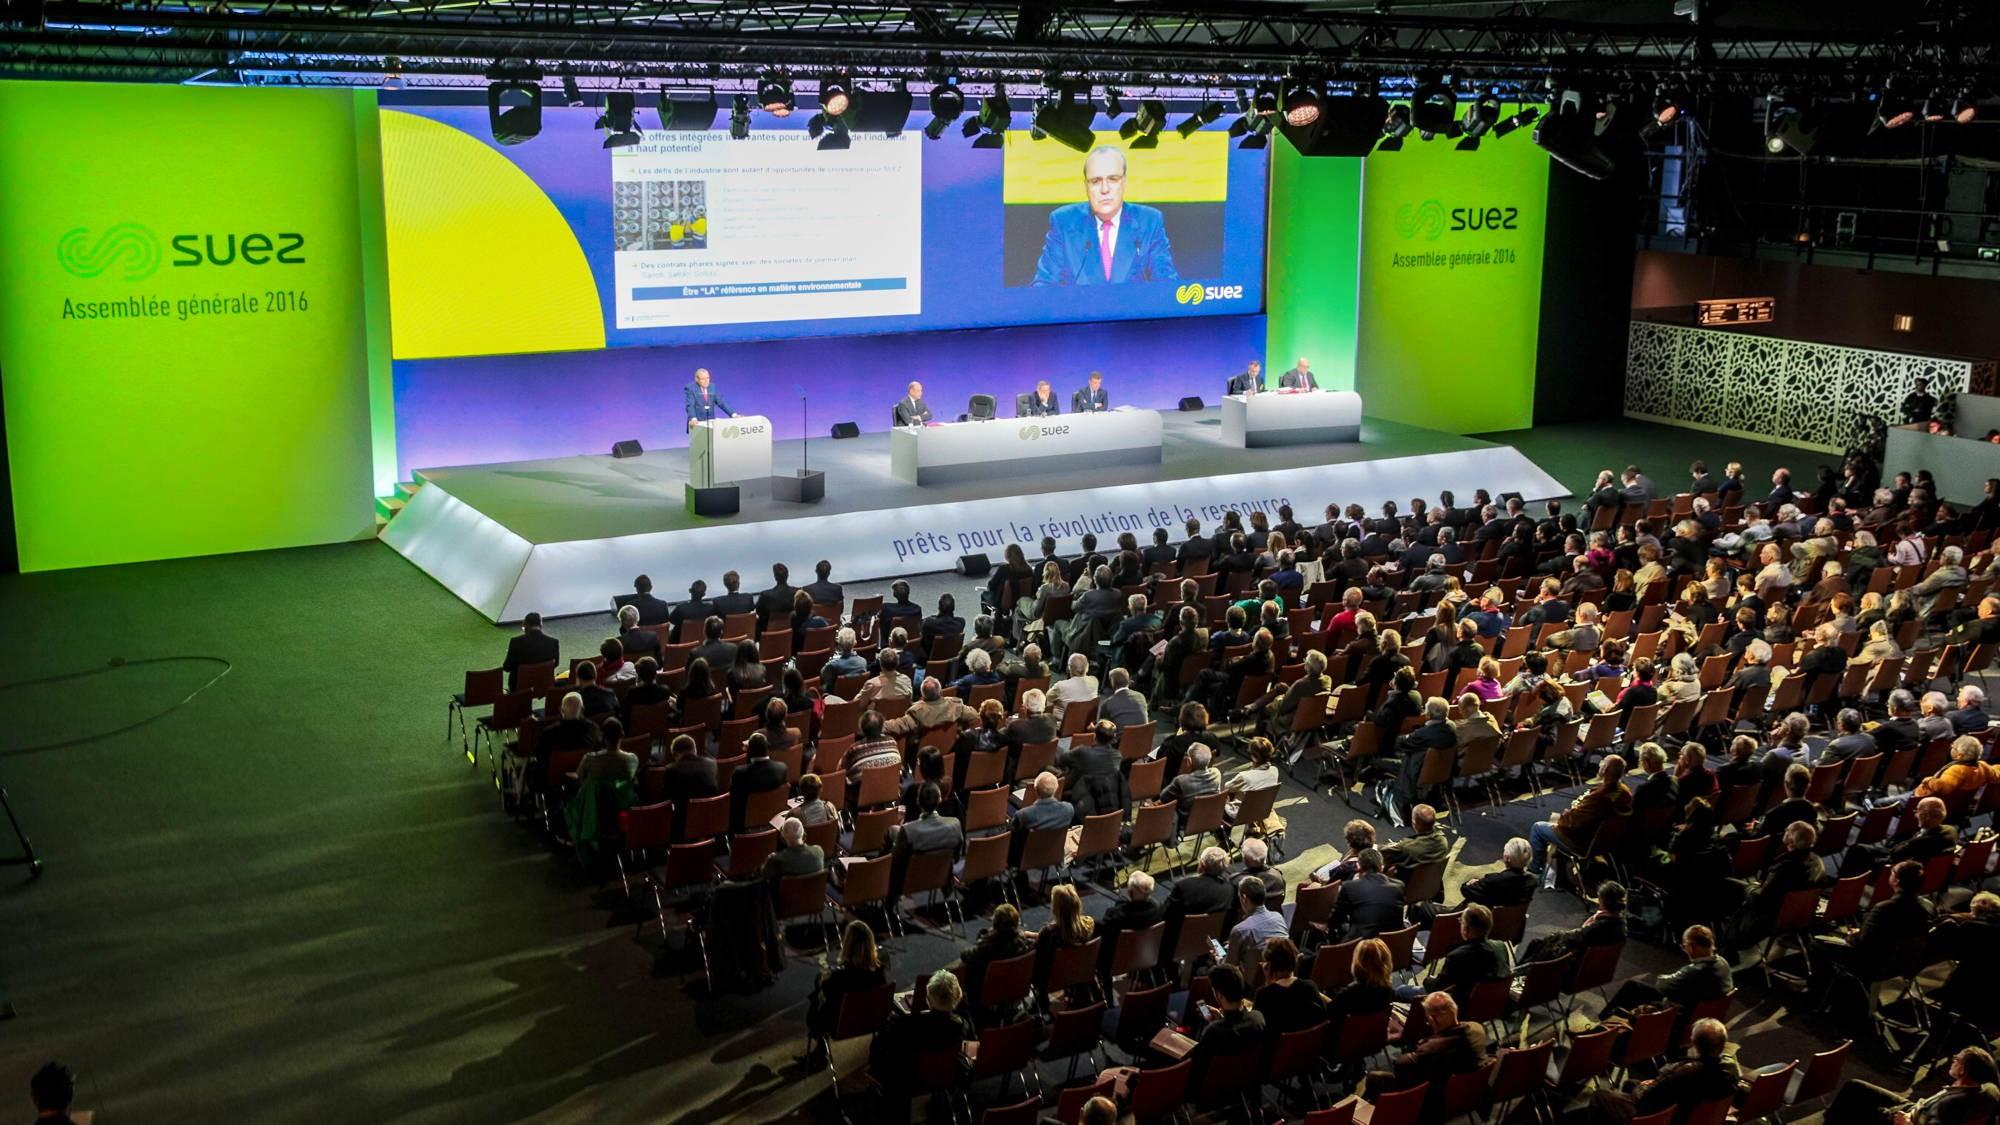 Assemblée Générale de Suez 2016